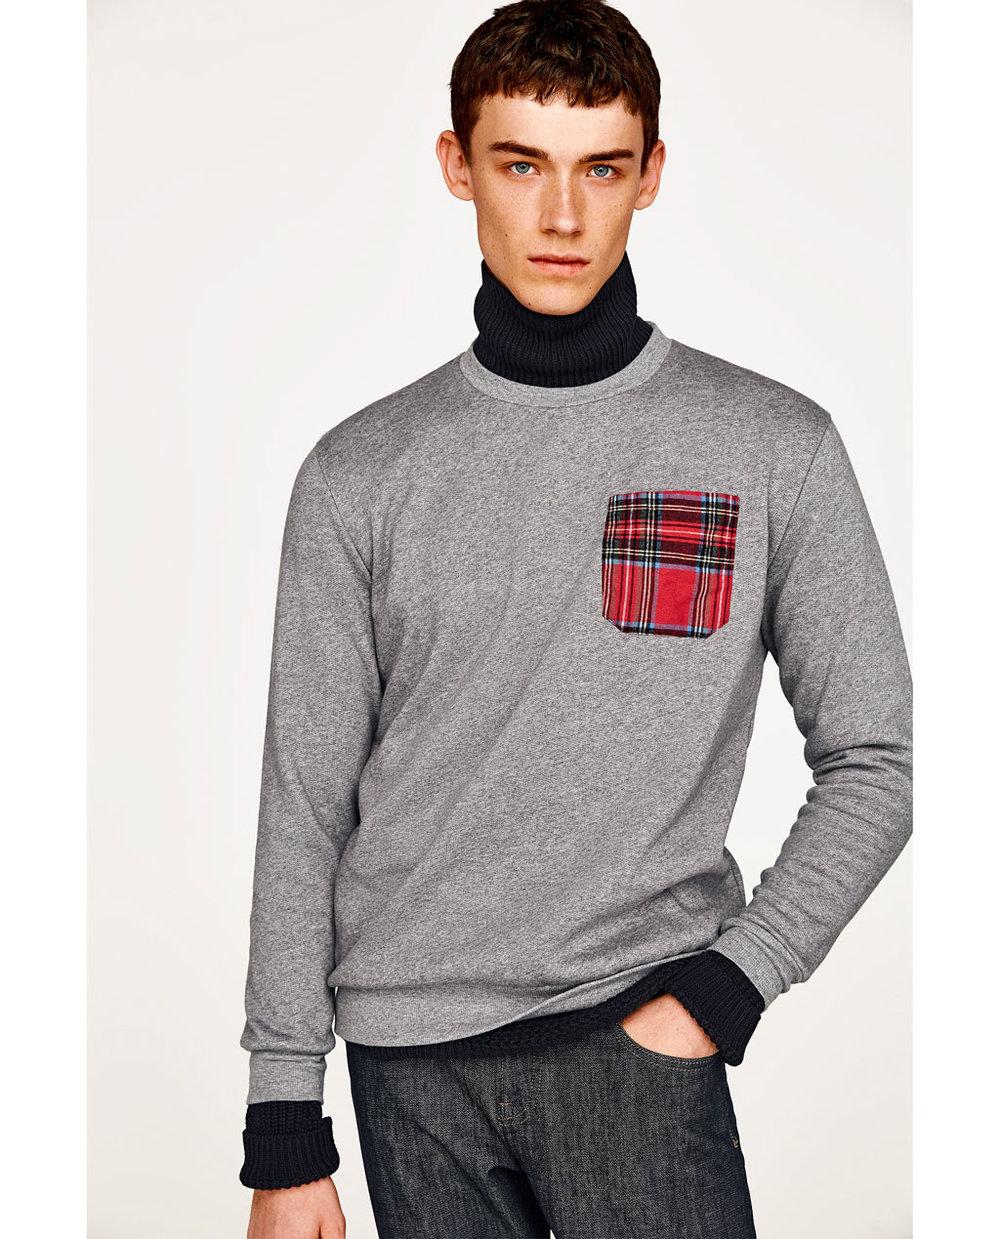 Sweatshirt, $39.90